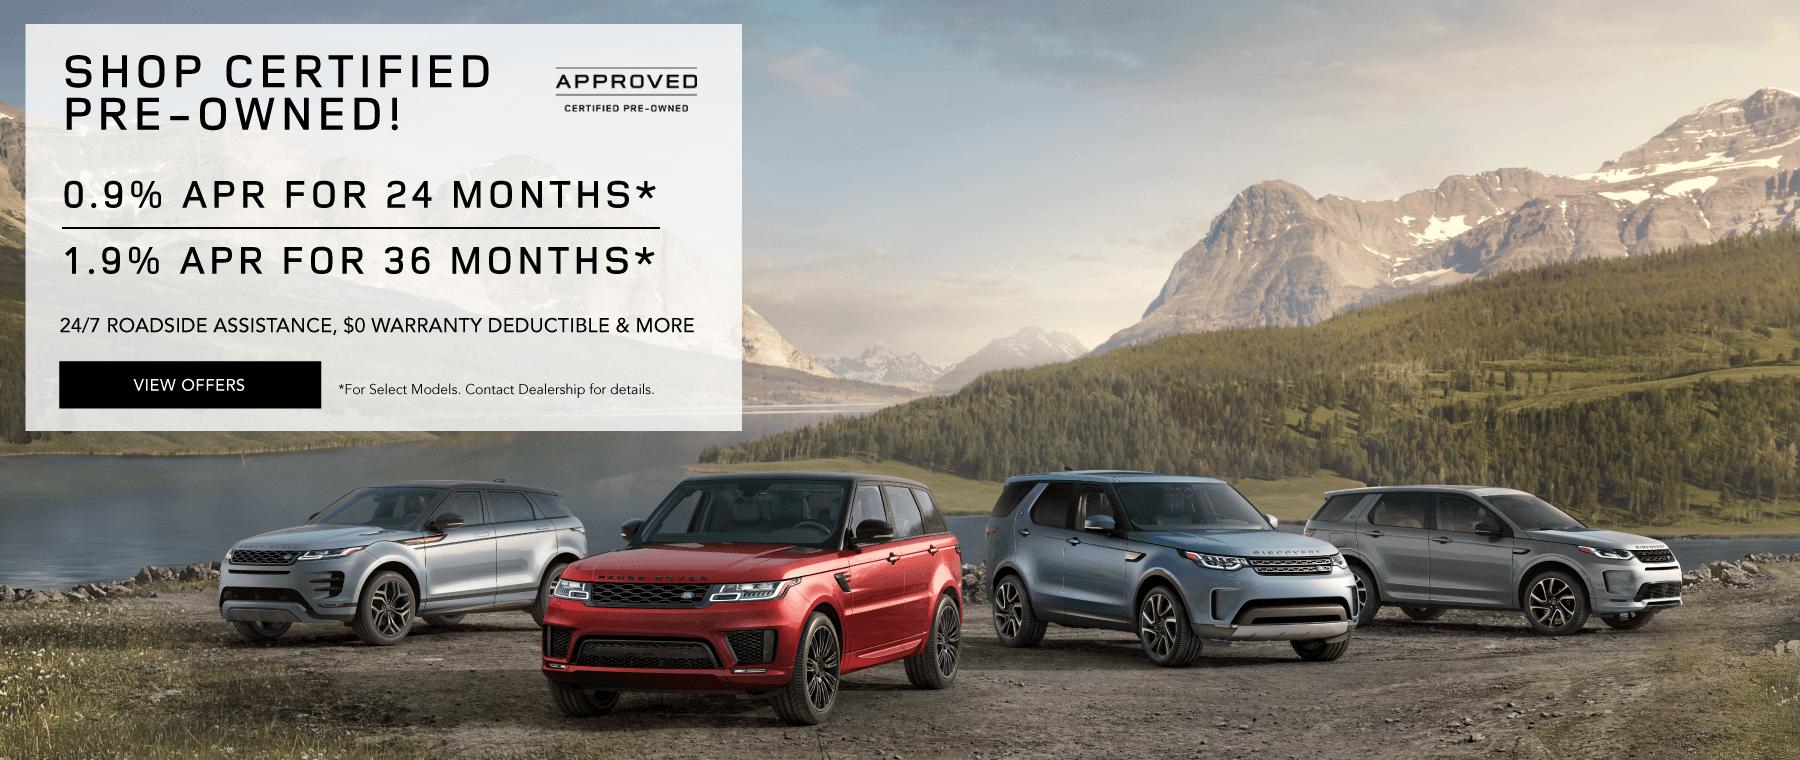 Land-Rover-CPO Optimized